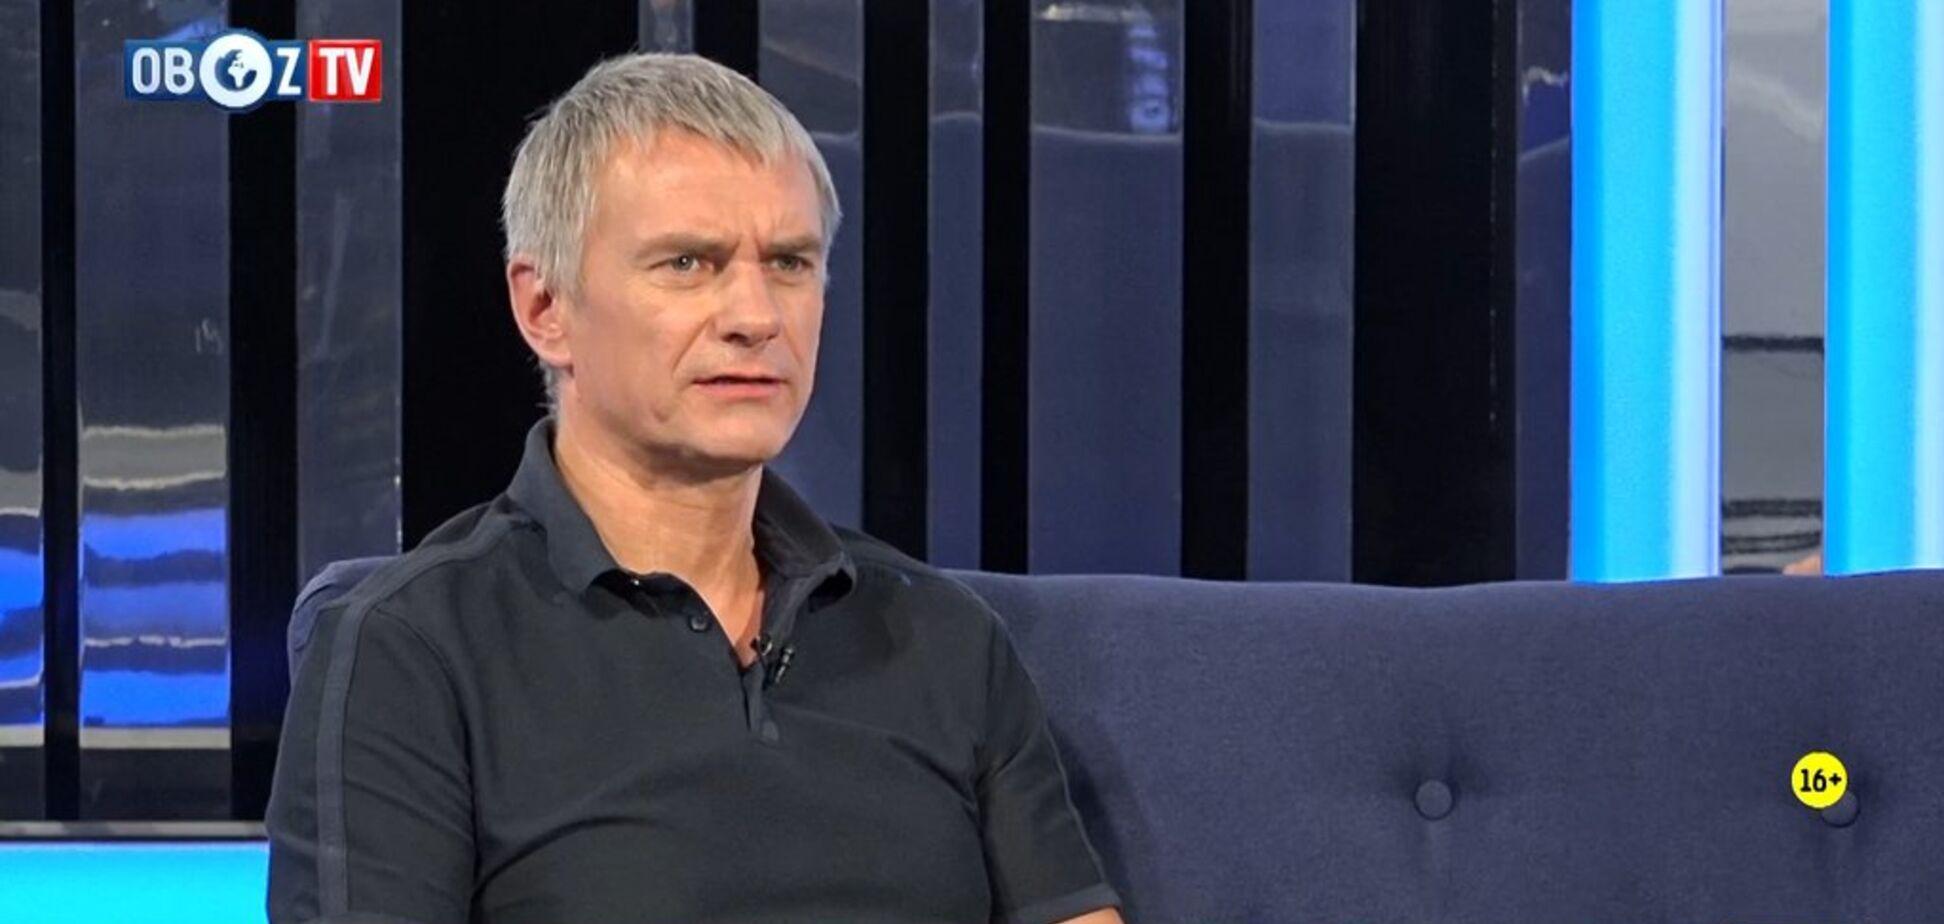 Новий закон стимулюватиме розвиток космічної галузі в Україні: Валерій Боровик